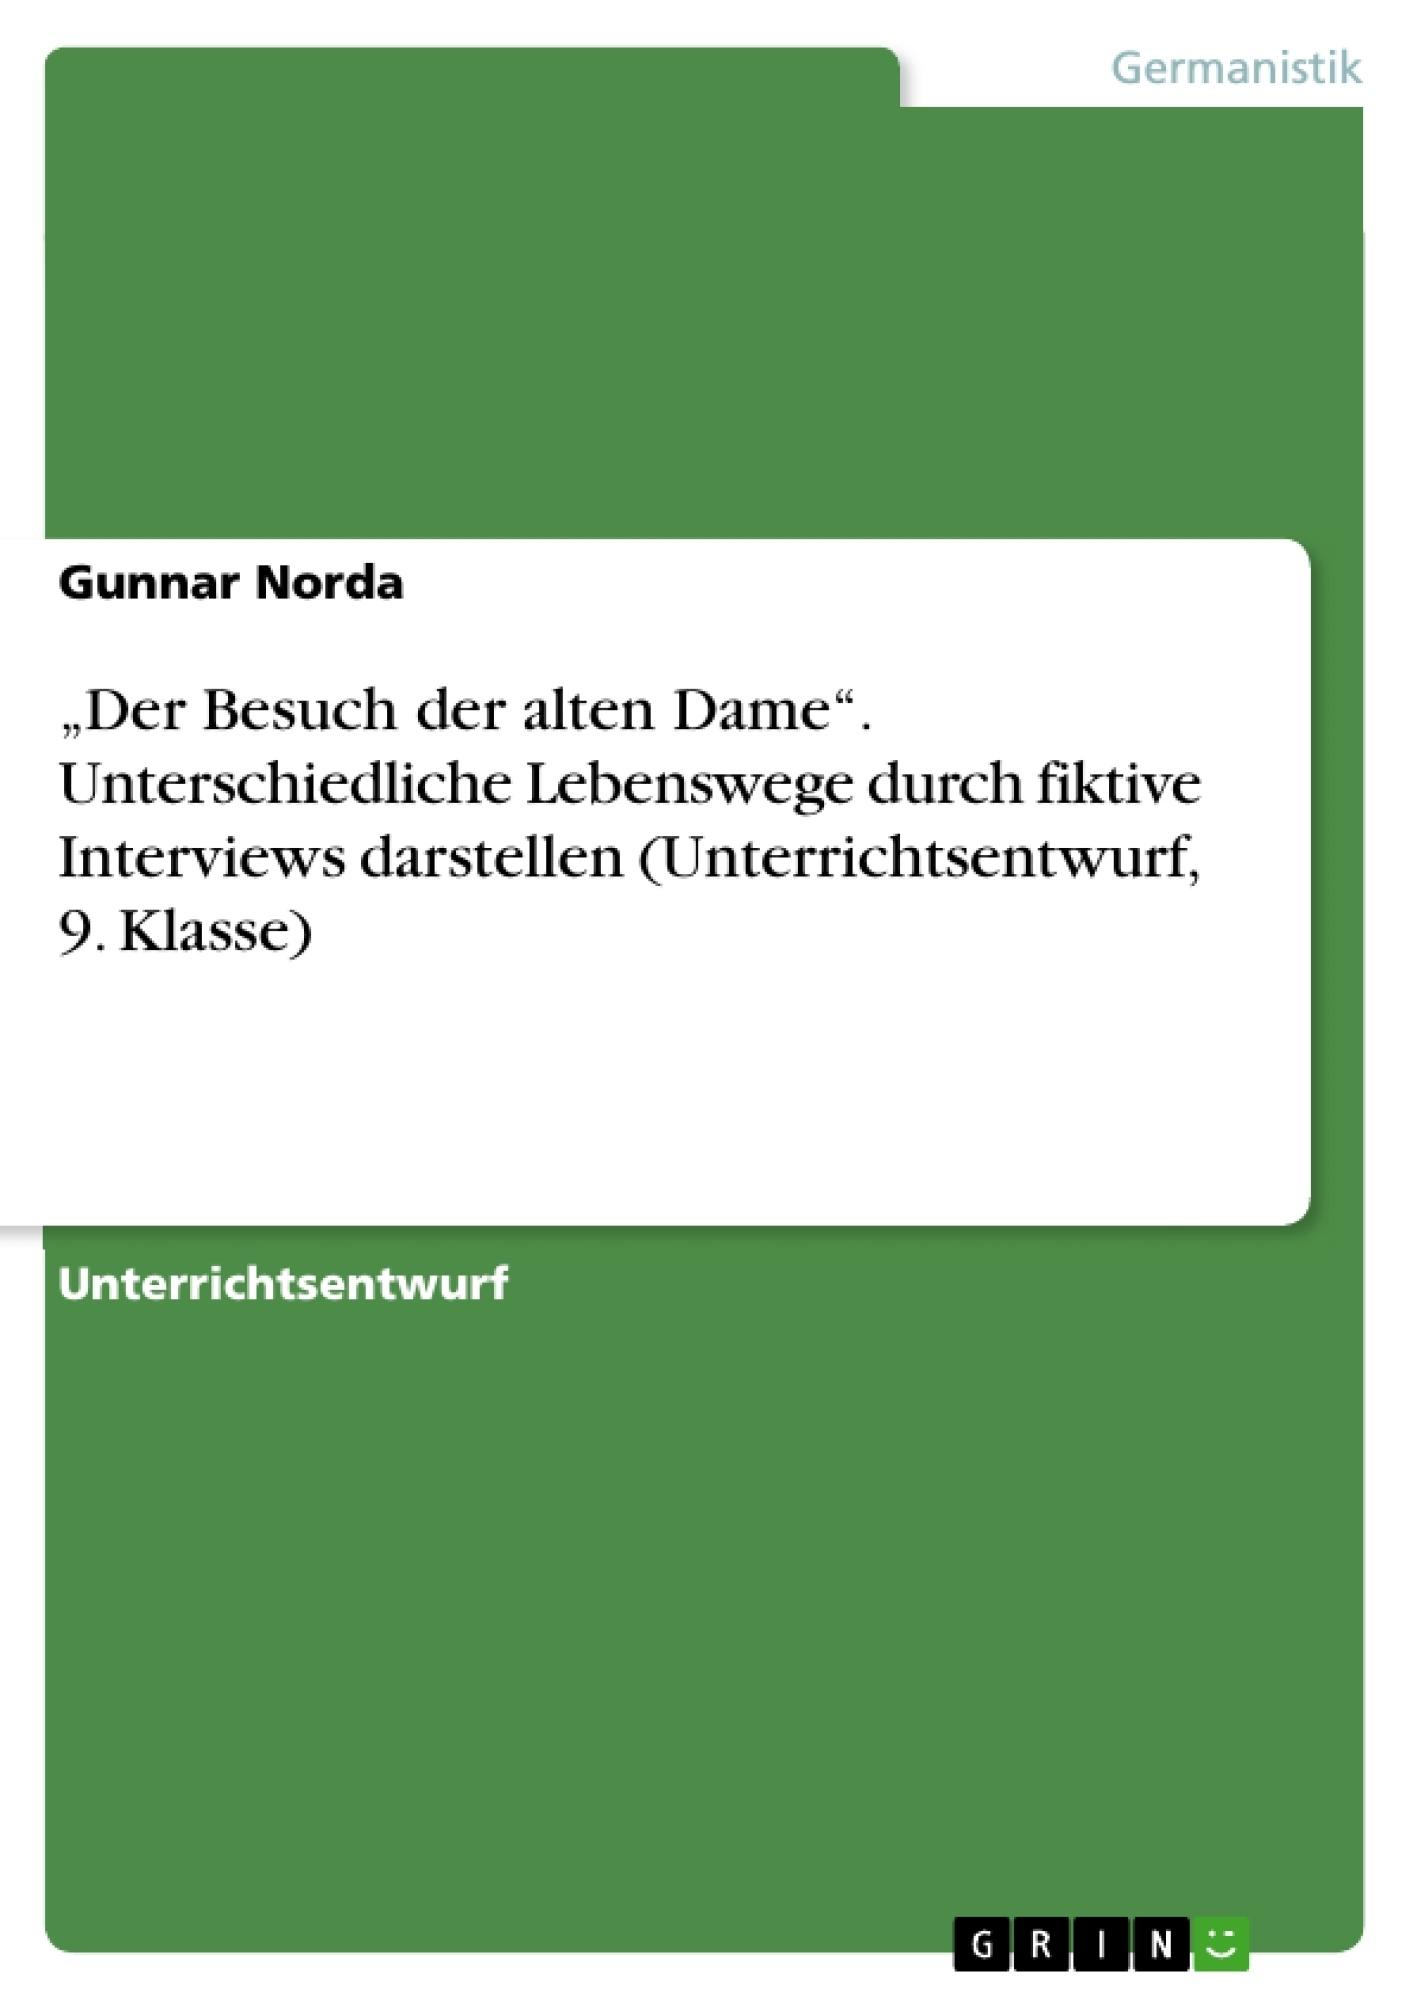 """Titel: """"Der Besuch der alten Dame"""". Unterschiedliche Lebenswege durch fiktive Interviews darstellen (Unterrichtsentwurf, 9. Klasse)"""